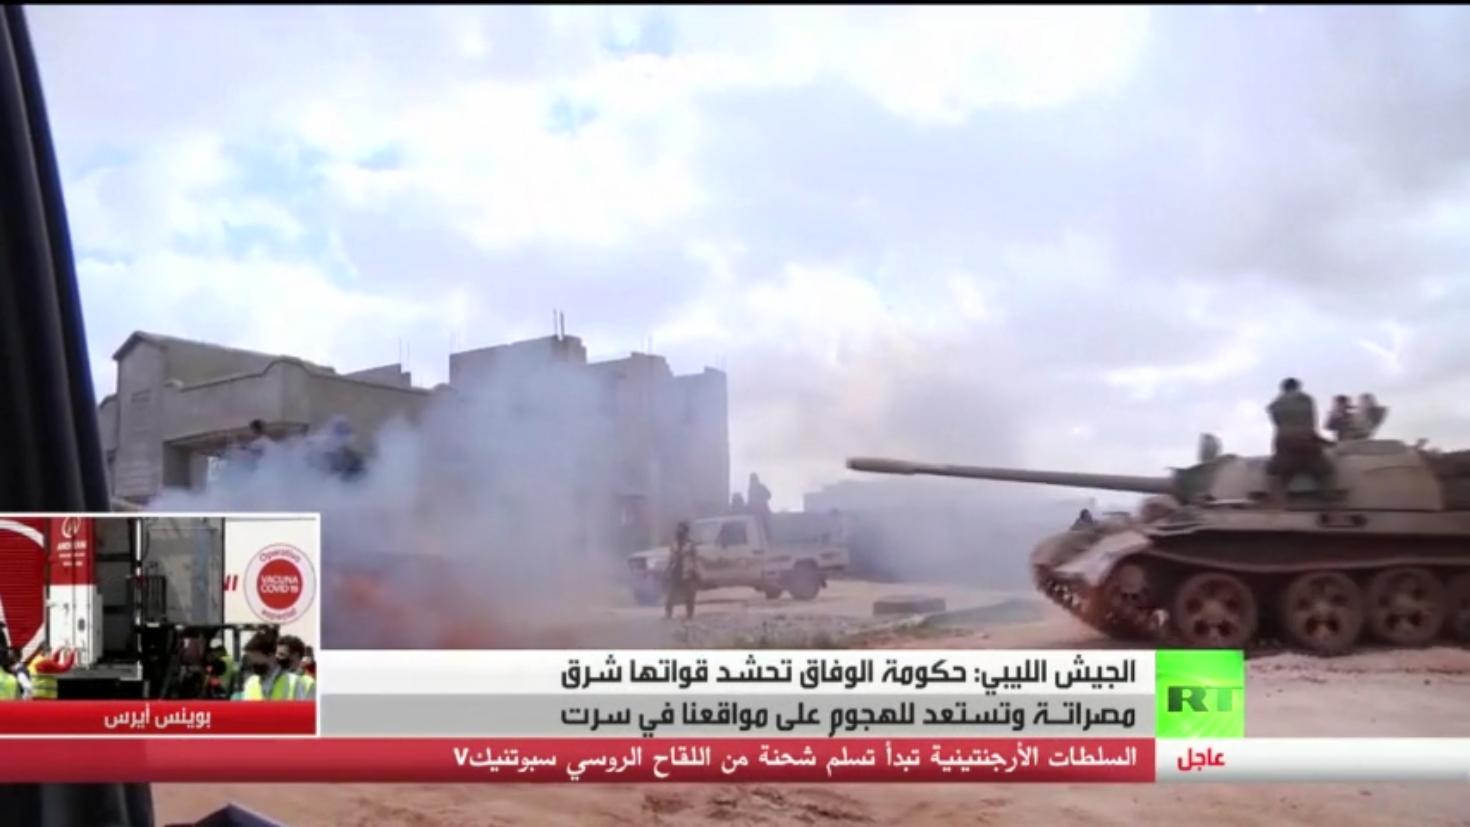 الجيش الليبي: رصدنا تحشيدا عسكريا شرق مصراتة